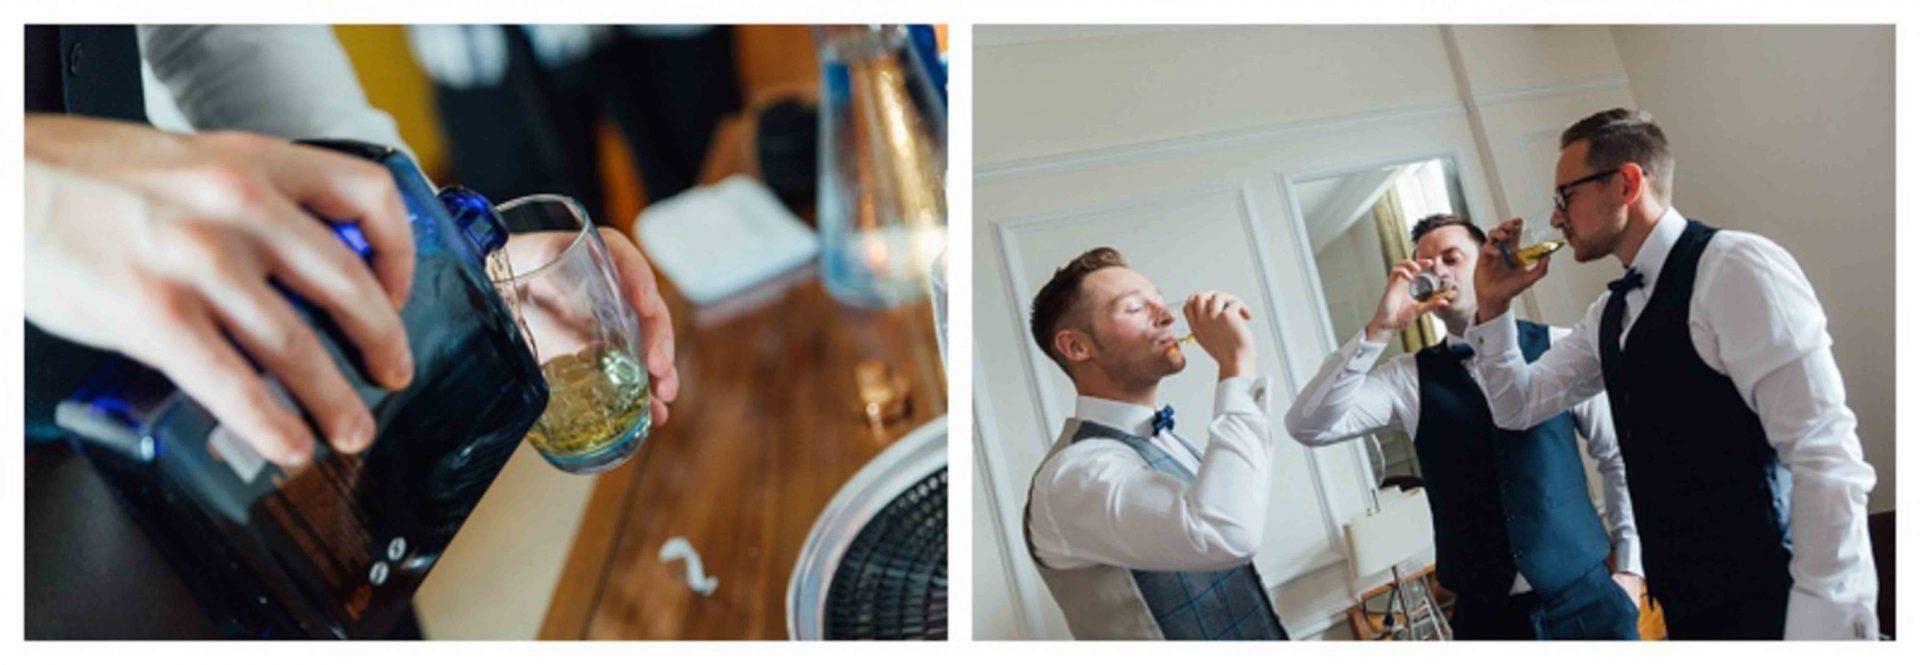 Slieve Donard Wedding Danielle & Glenn by Ricky Parker Photography-14